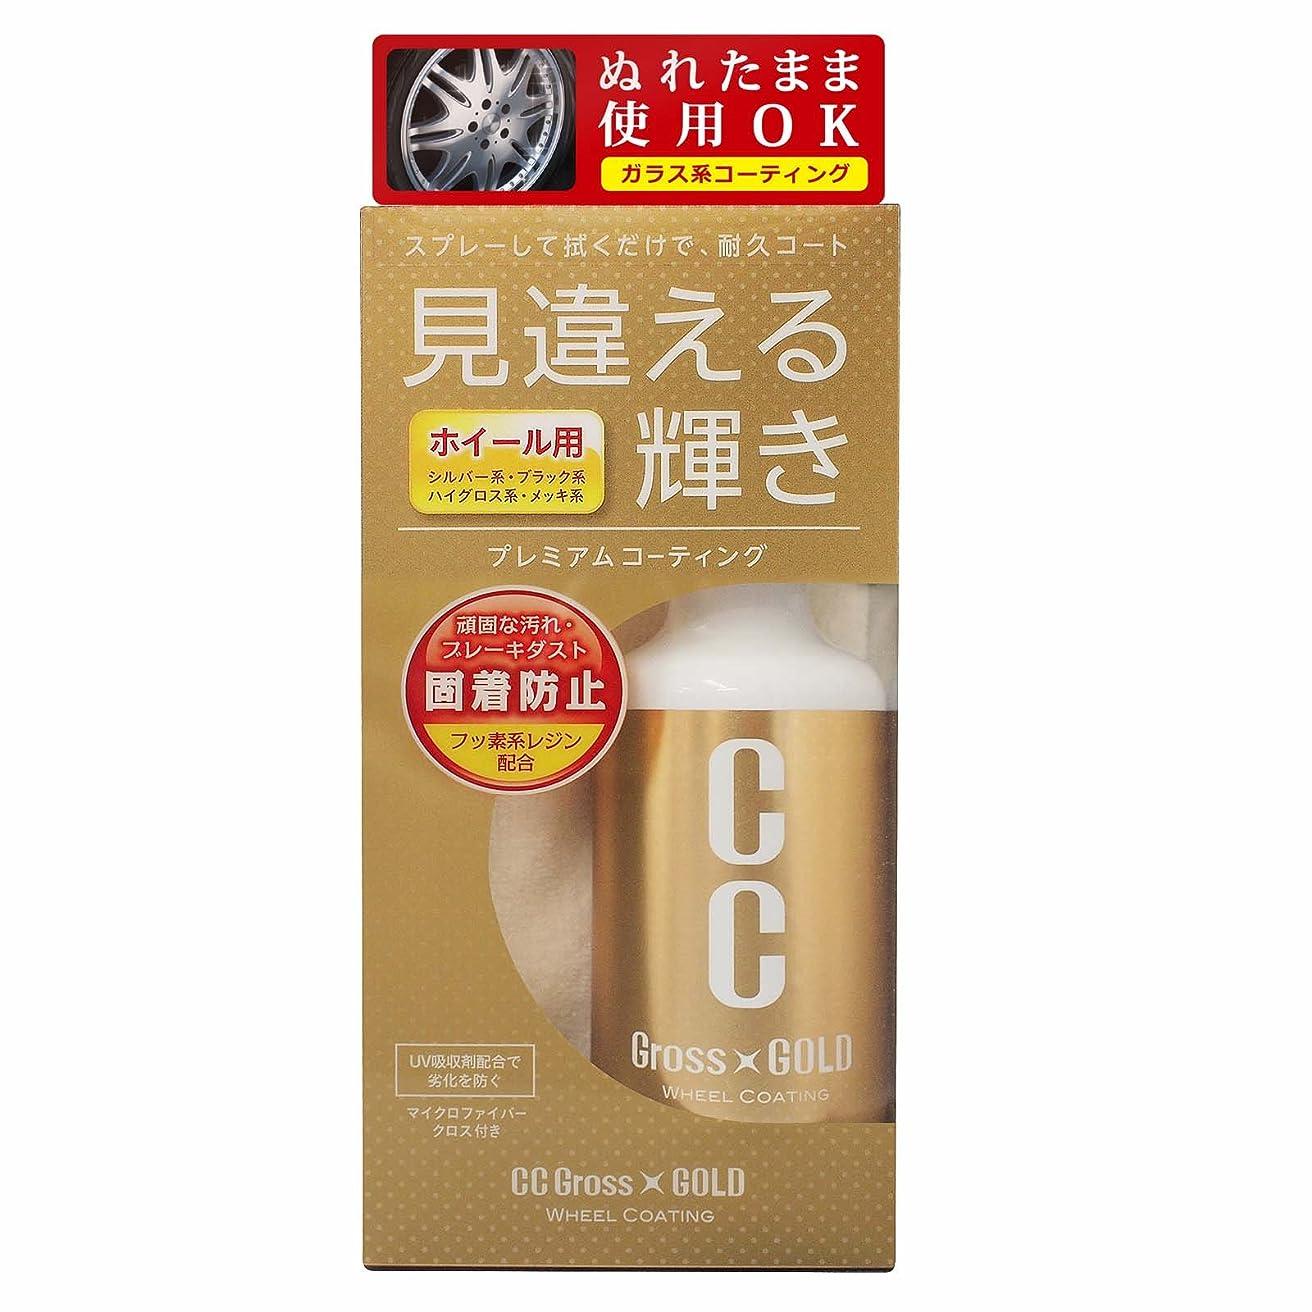 帝国主義しばしば内訳PROSTAFF(プロスタッフ) コーティング剤 CCグロスゴールド ホイールコーティング S128